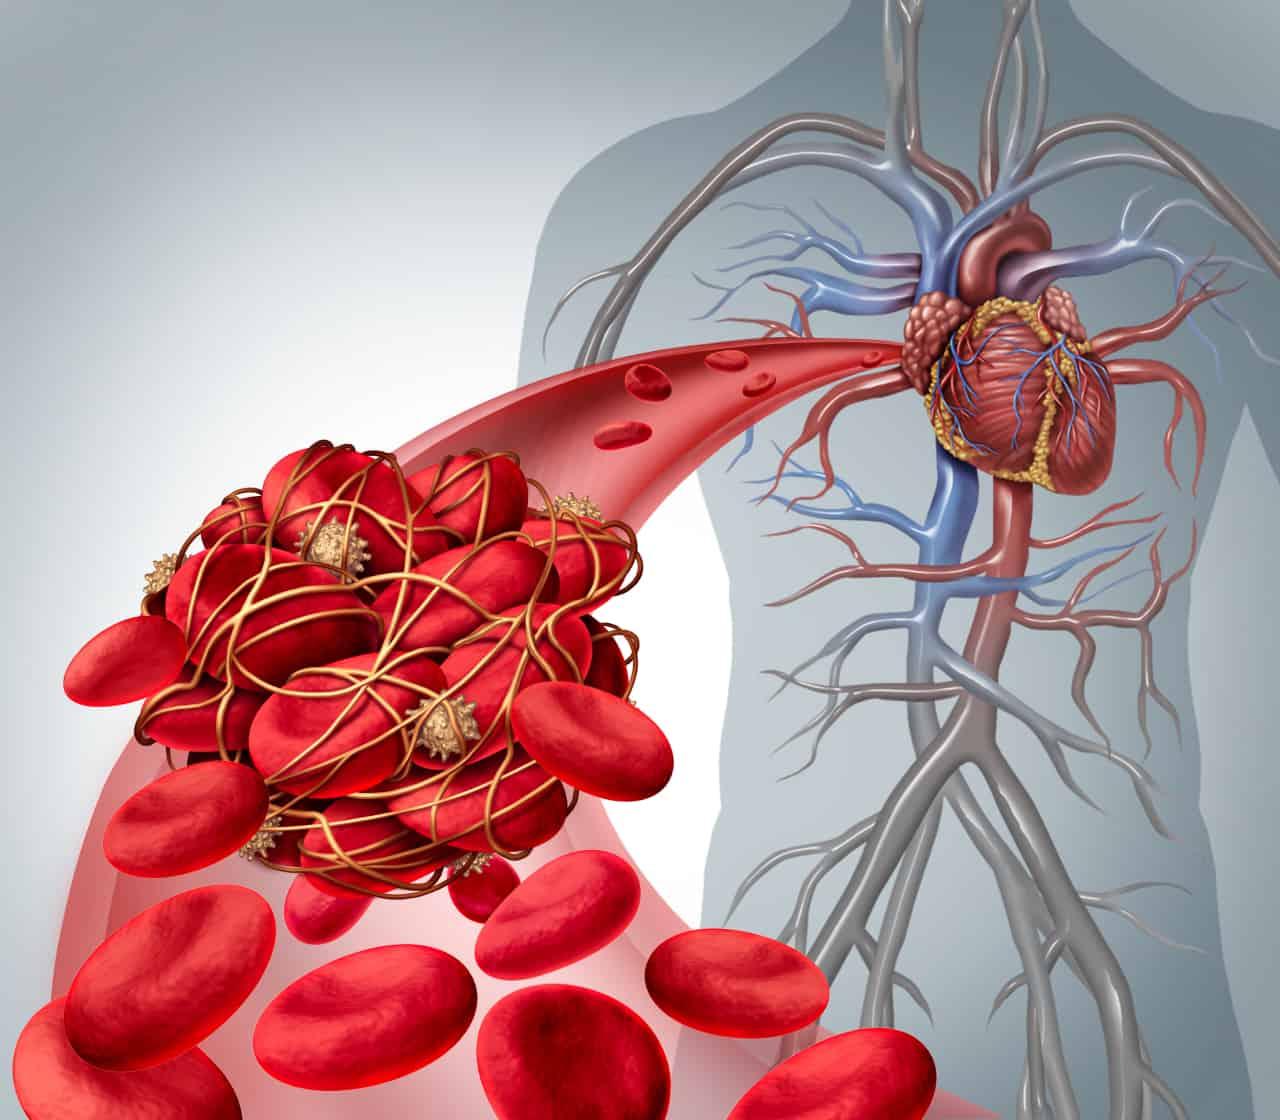 Vitamin K Mangel Ursachen Symptome Risikogruppen Neugeborene Langzeit Einnahme bestimmter Medikamente Blutungen der Organe Hirnblutungen Gabe von Vitamin K Tropfen Osteoporose Gefäßverkalkung Herzprobleme Knochenschwund Blutgerinnungsstörungen Vitaminversorgung Leber Zufauhr als Nahurngsergänzung Knochenbildung Anwendung eines hochdosierten Vitamin K Ergänzungspräparats ungesunde Ernährung Darmflora mit zu wenig positiven Darmbakterien Vitamin K Spiegel Leberkrankheiten Mukoviscidose Quick Wert Quickwert